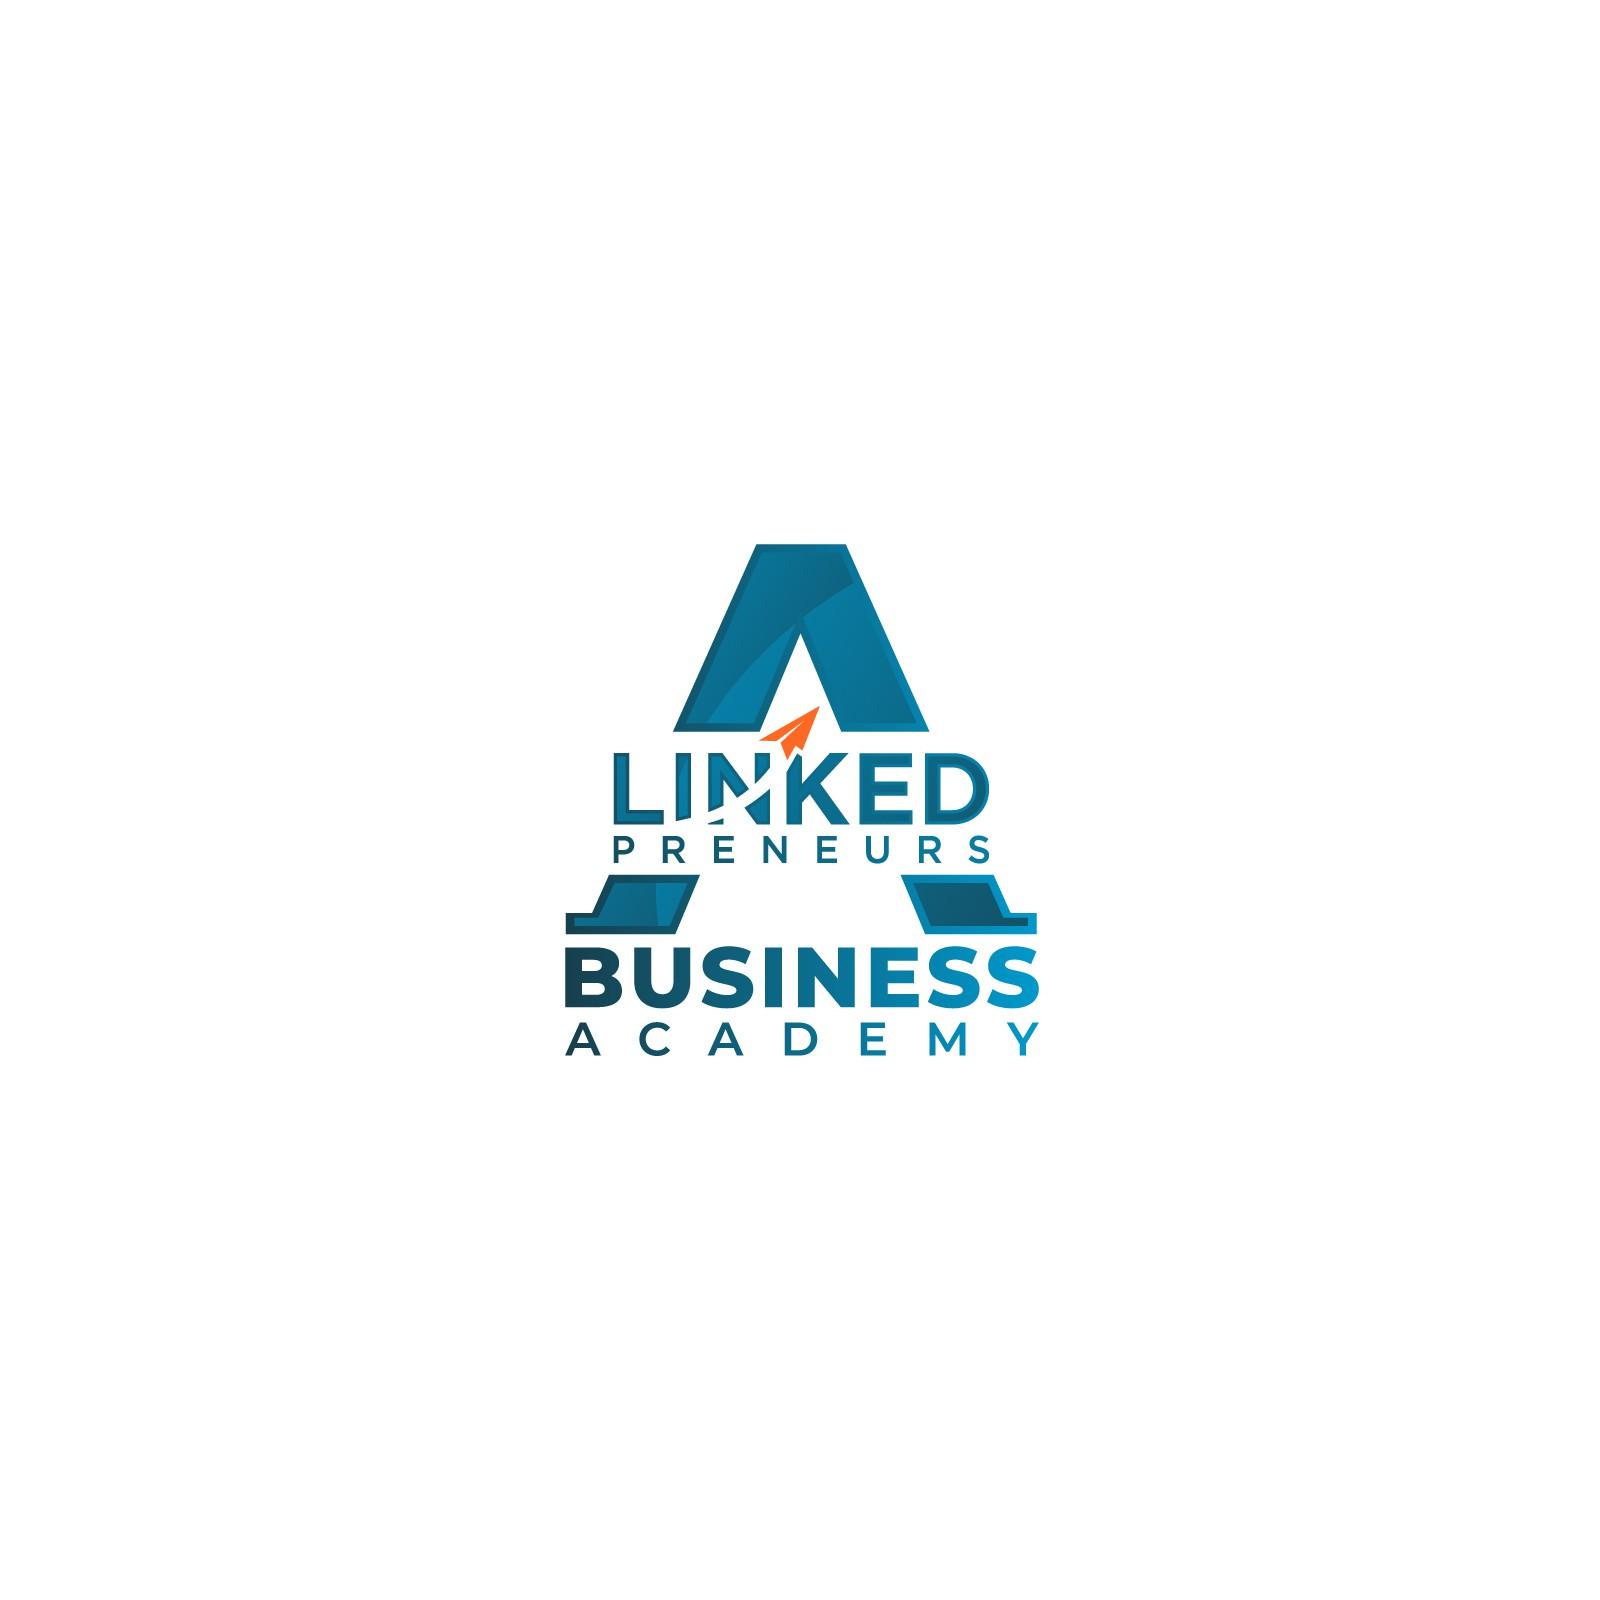 Linkedpreneurs Business Academy Logo